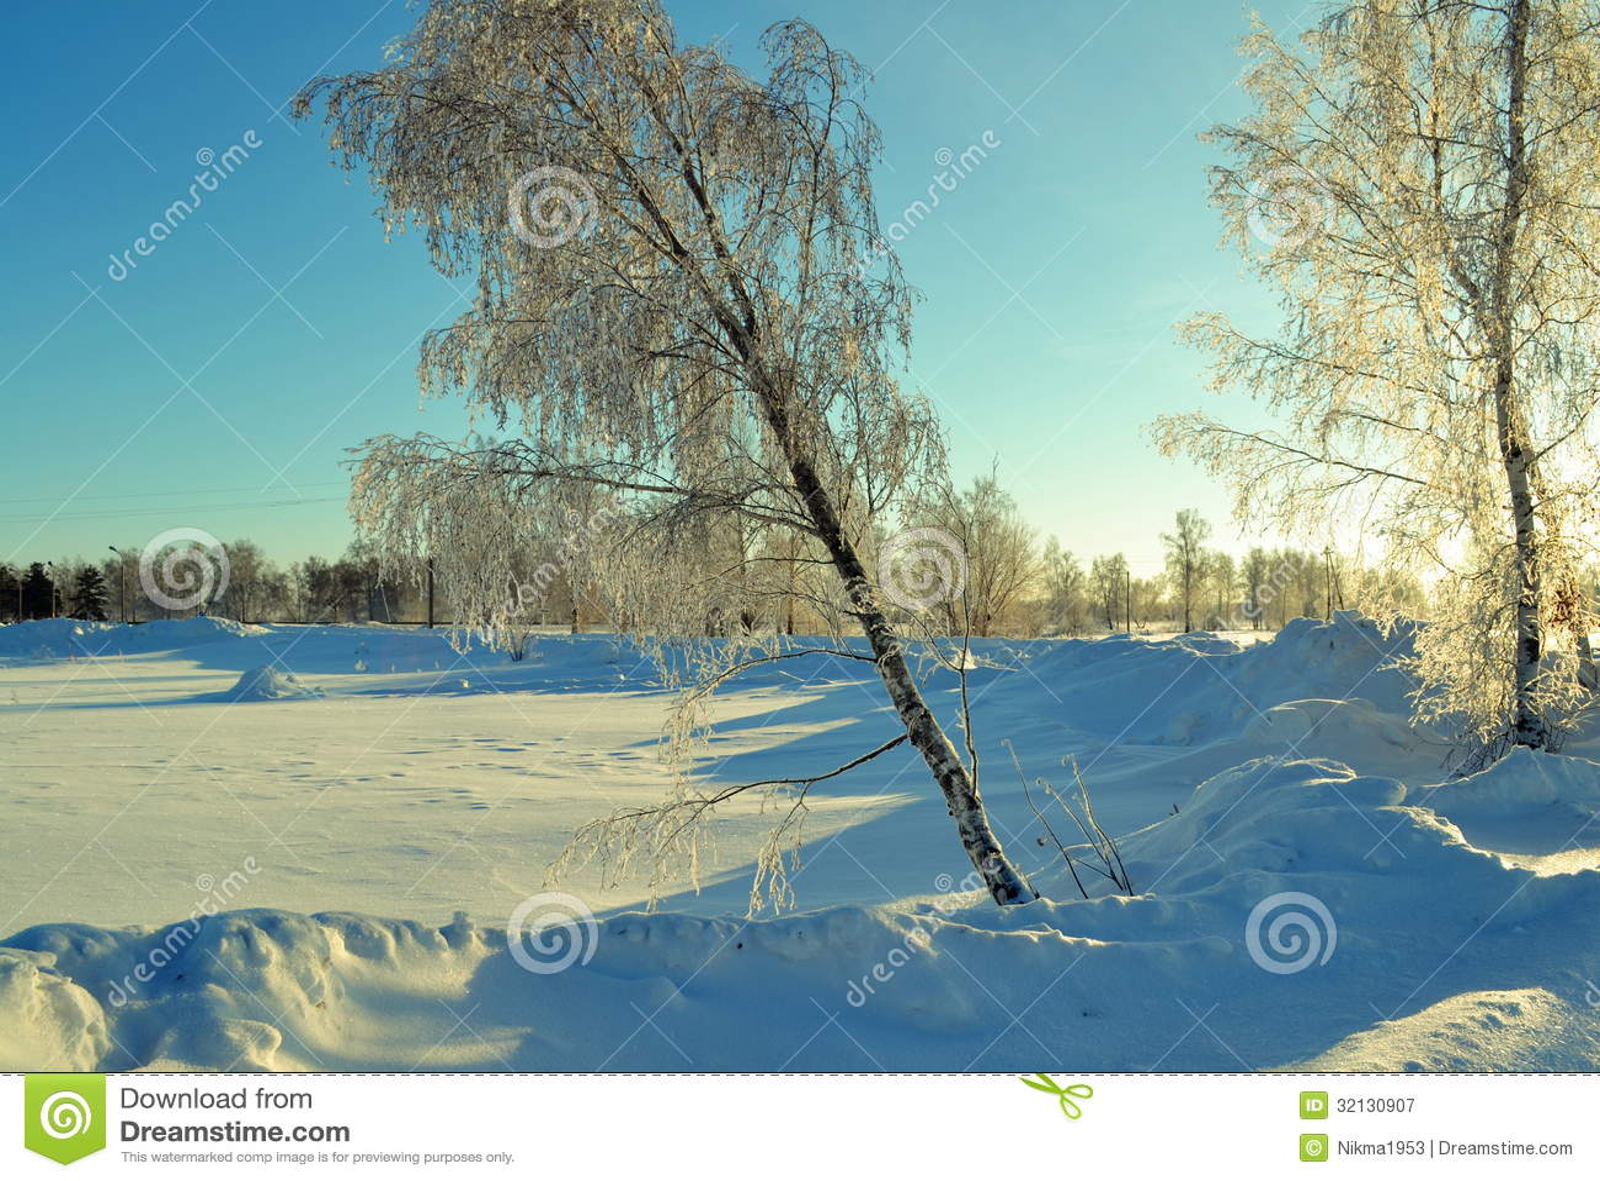 冬天西伯利亞人 免版稅圖庫攝影 - 圖片: 32130907